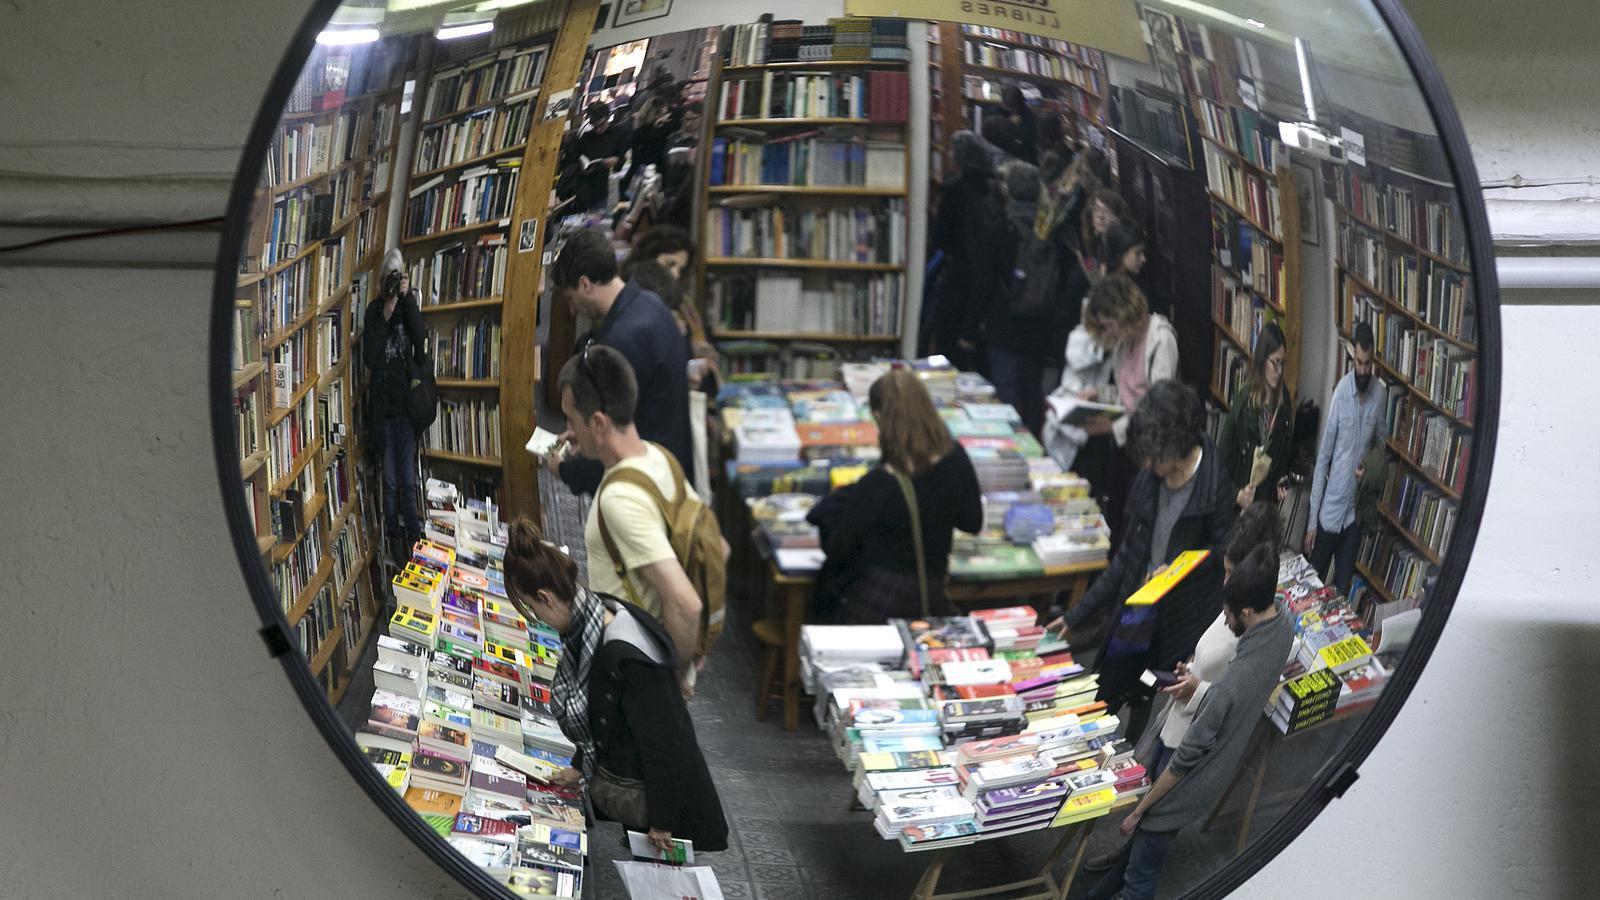 Llibres que la pandèmia ha deixat a la sala d'espera